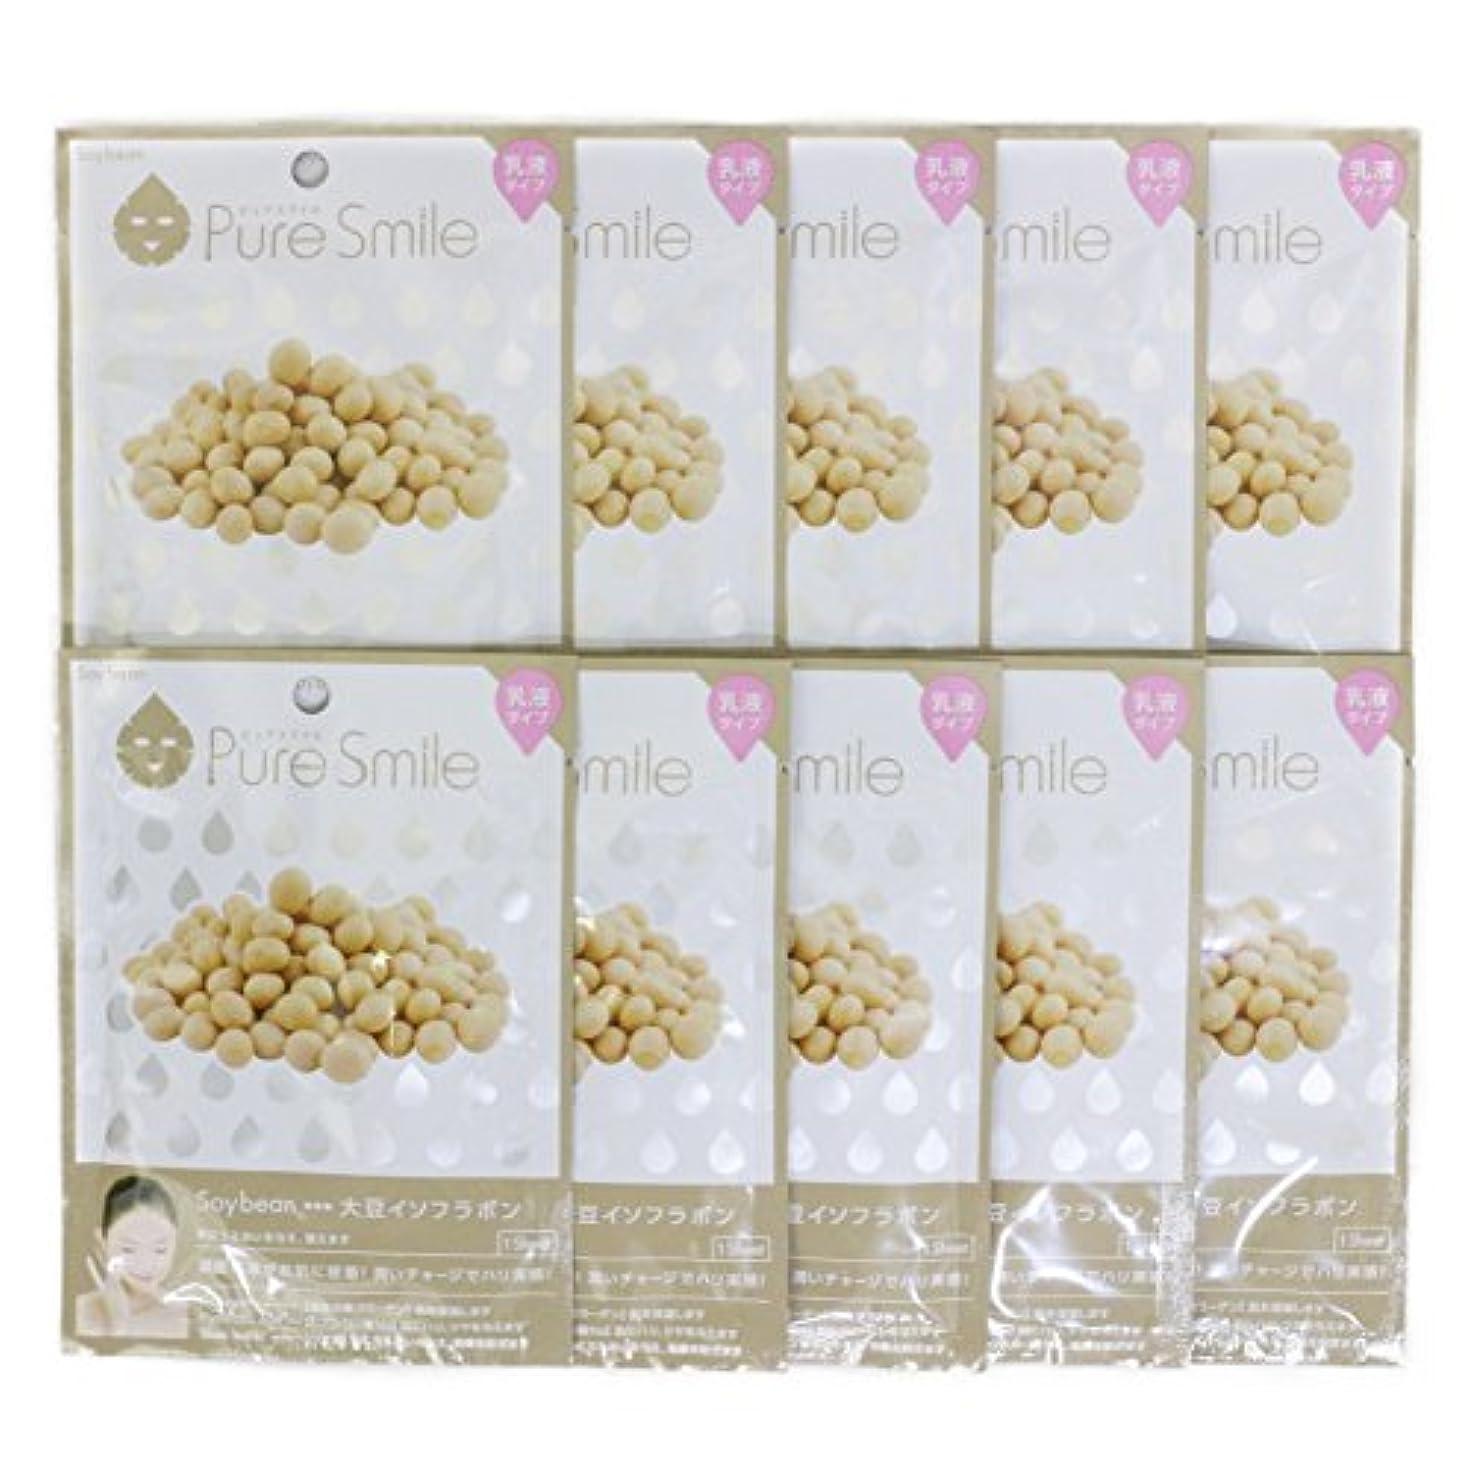 ホイップ構成員ジェムPure Smile ピュアスマイル 乳液エッセンスマスク 大豆イソフラボン 10枚セット